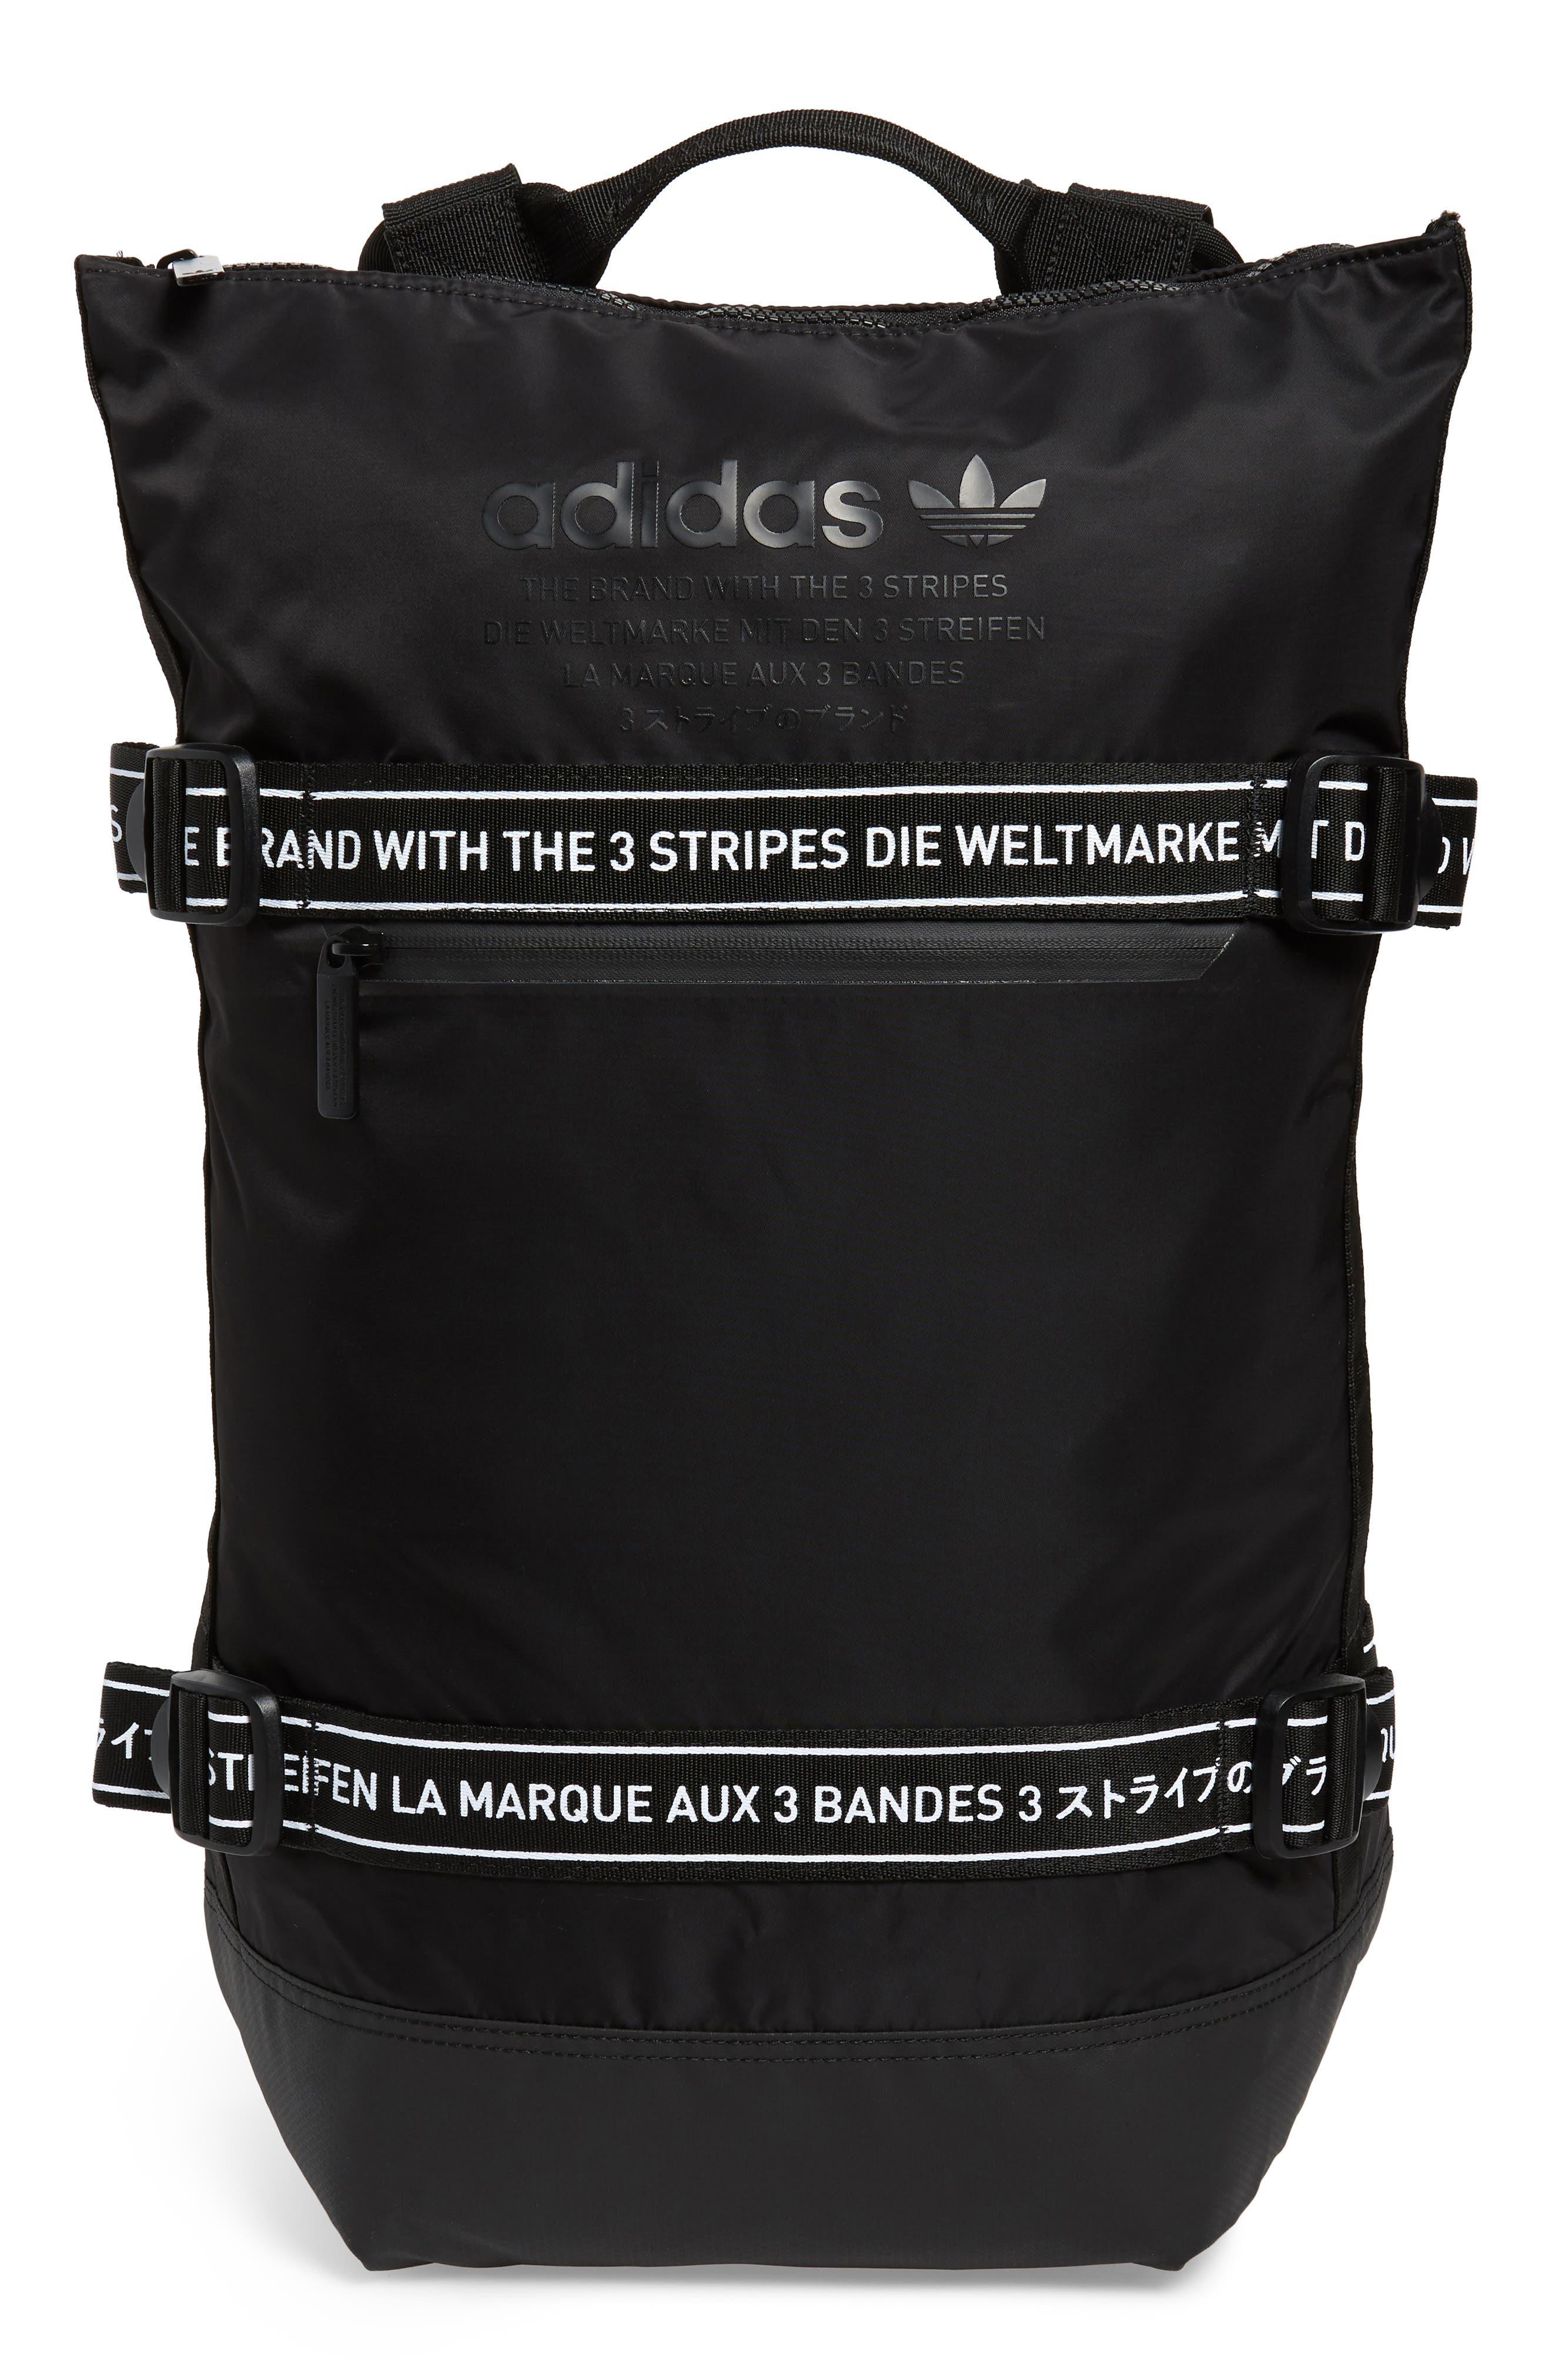 ADIDAS ORIGINALS, adidas NMD Backpack, Main thumbnail 1, color, 001